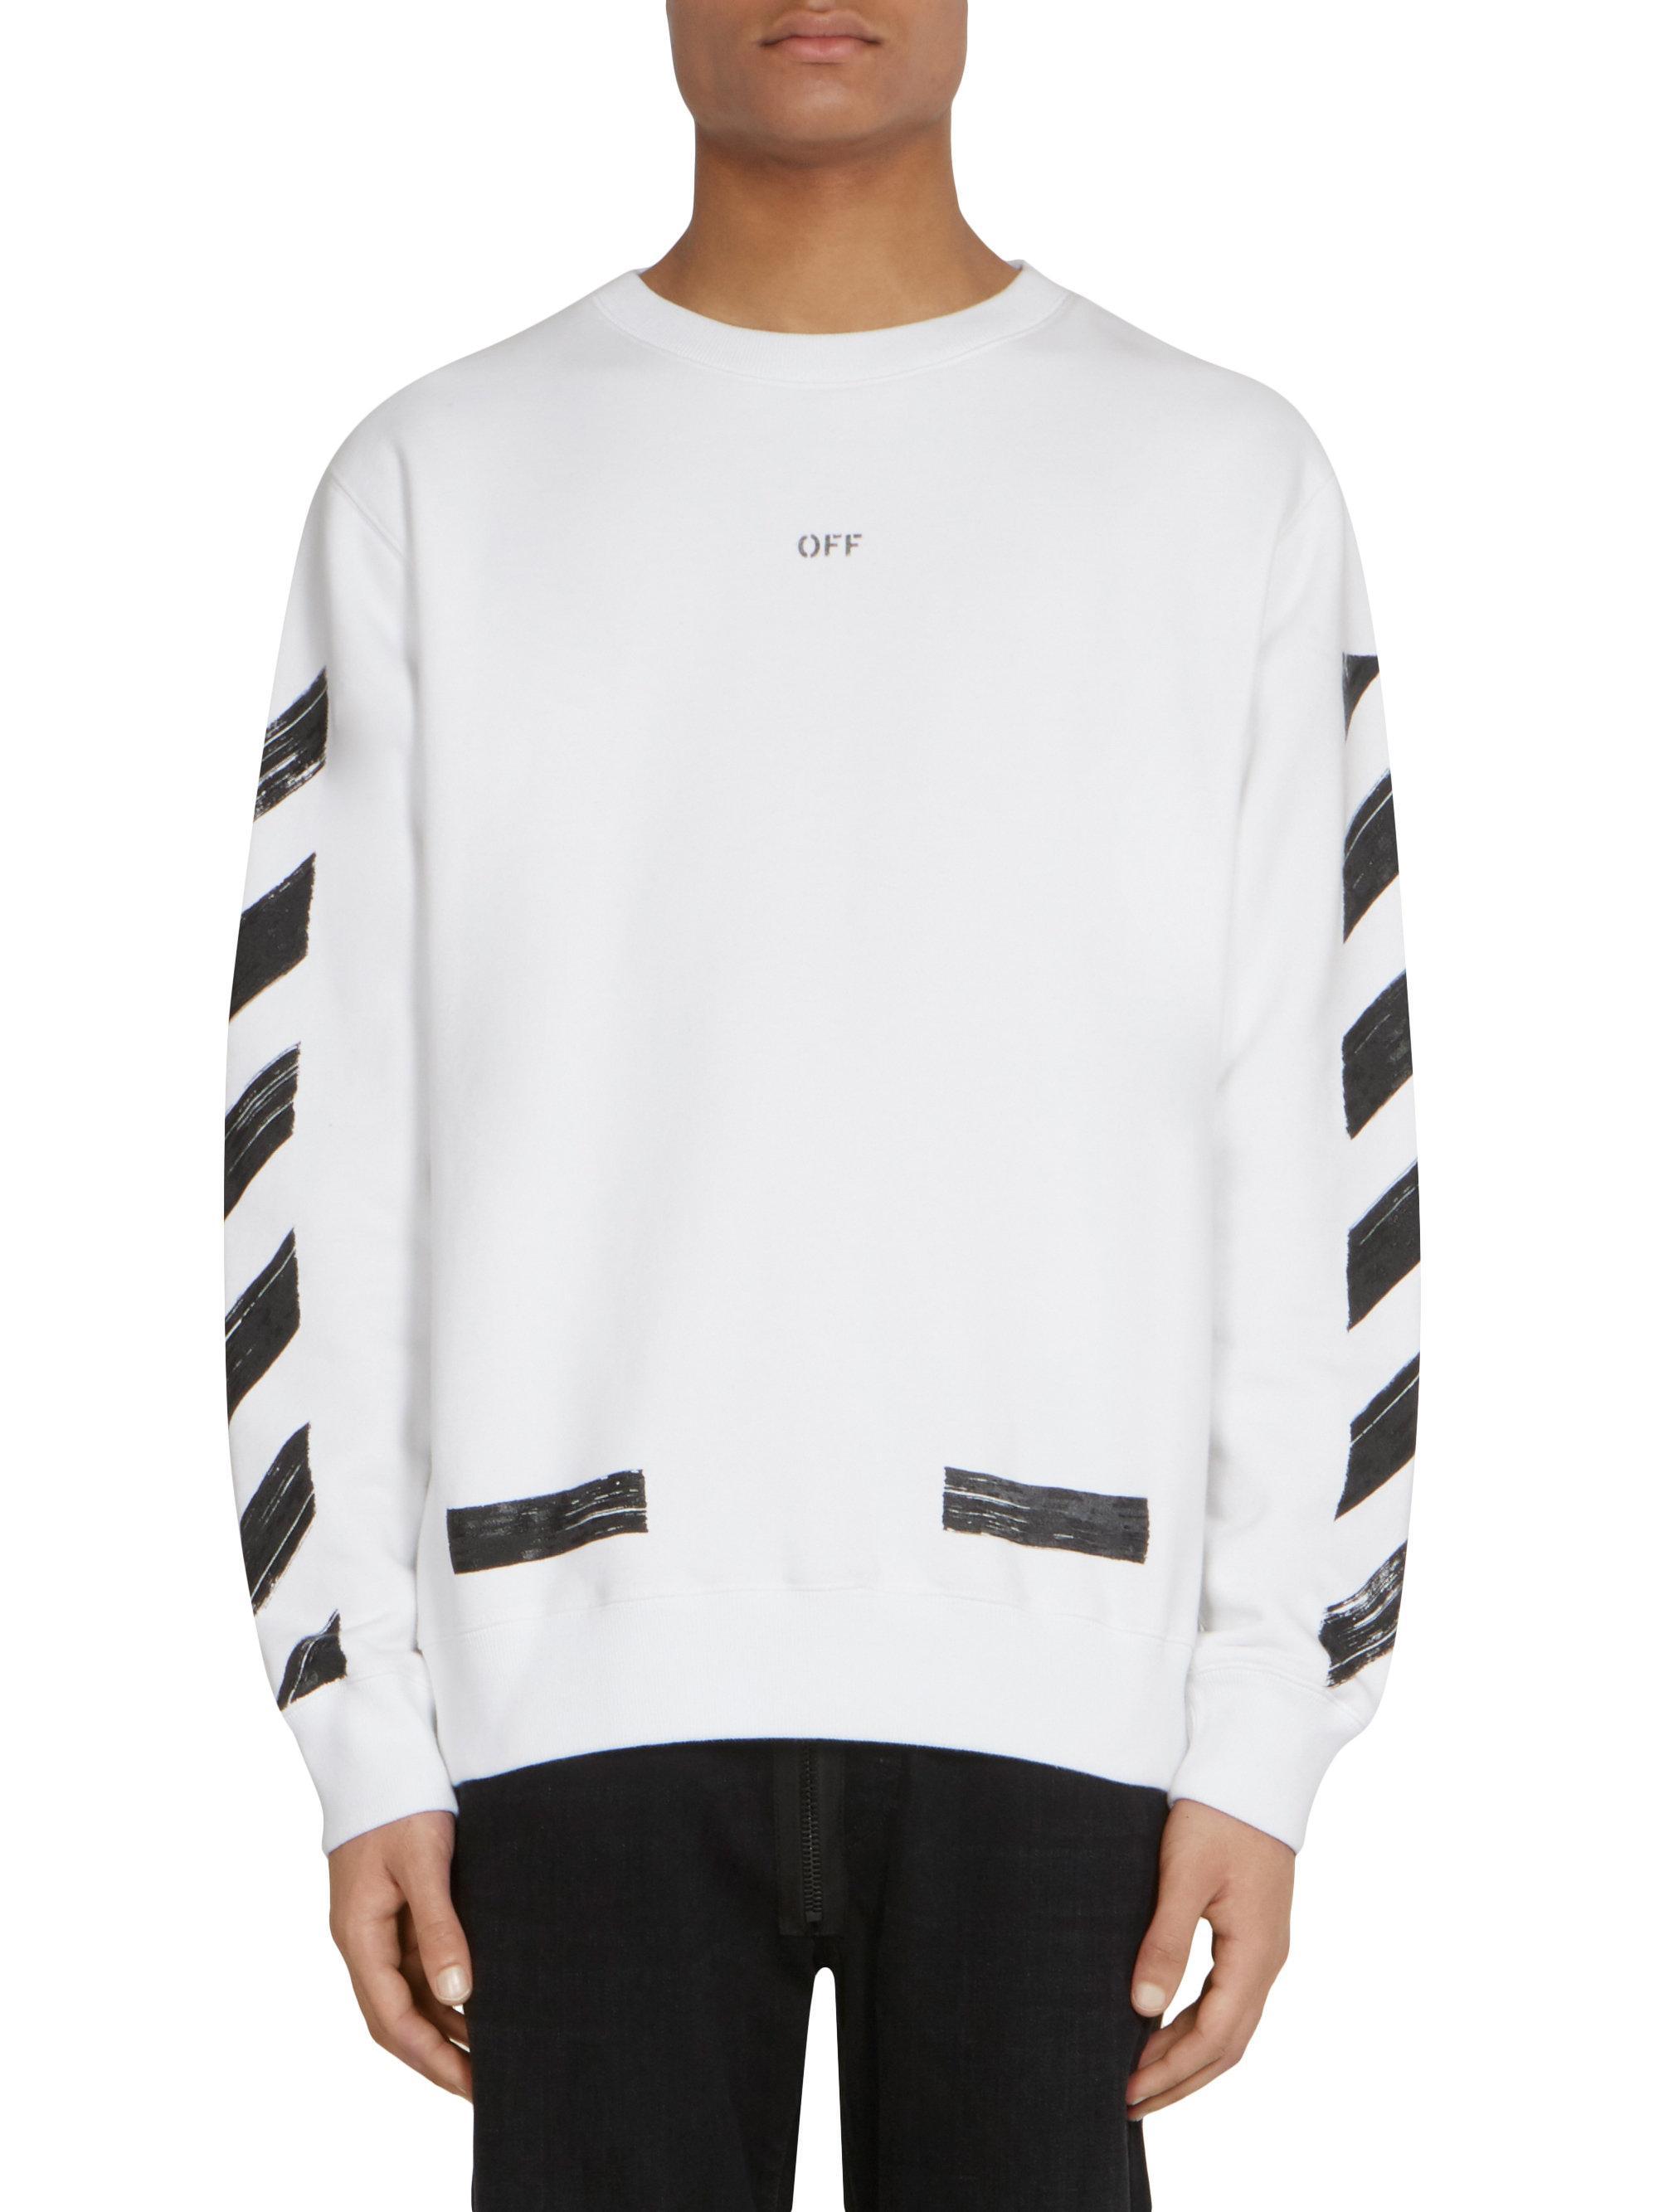 0305cd0caef5 Off-White c o Virgil Abloh Diagonal Brushed Crewneck Sweatshirt in ...